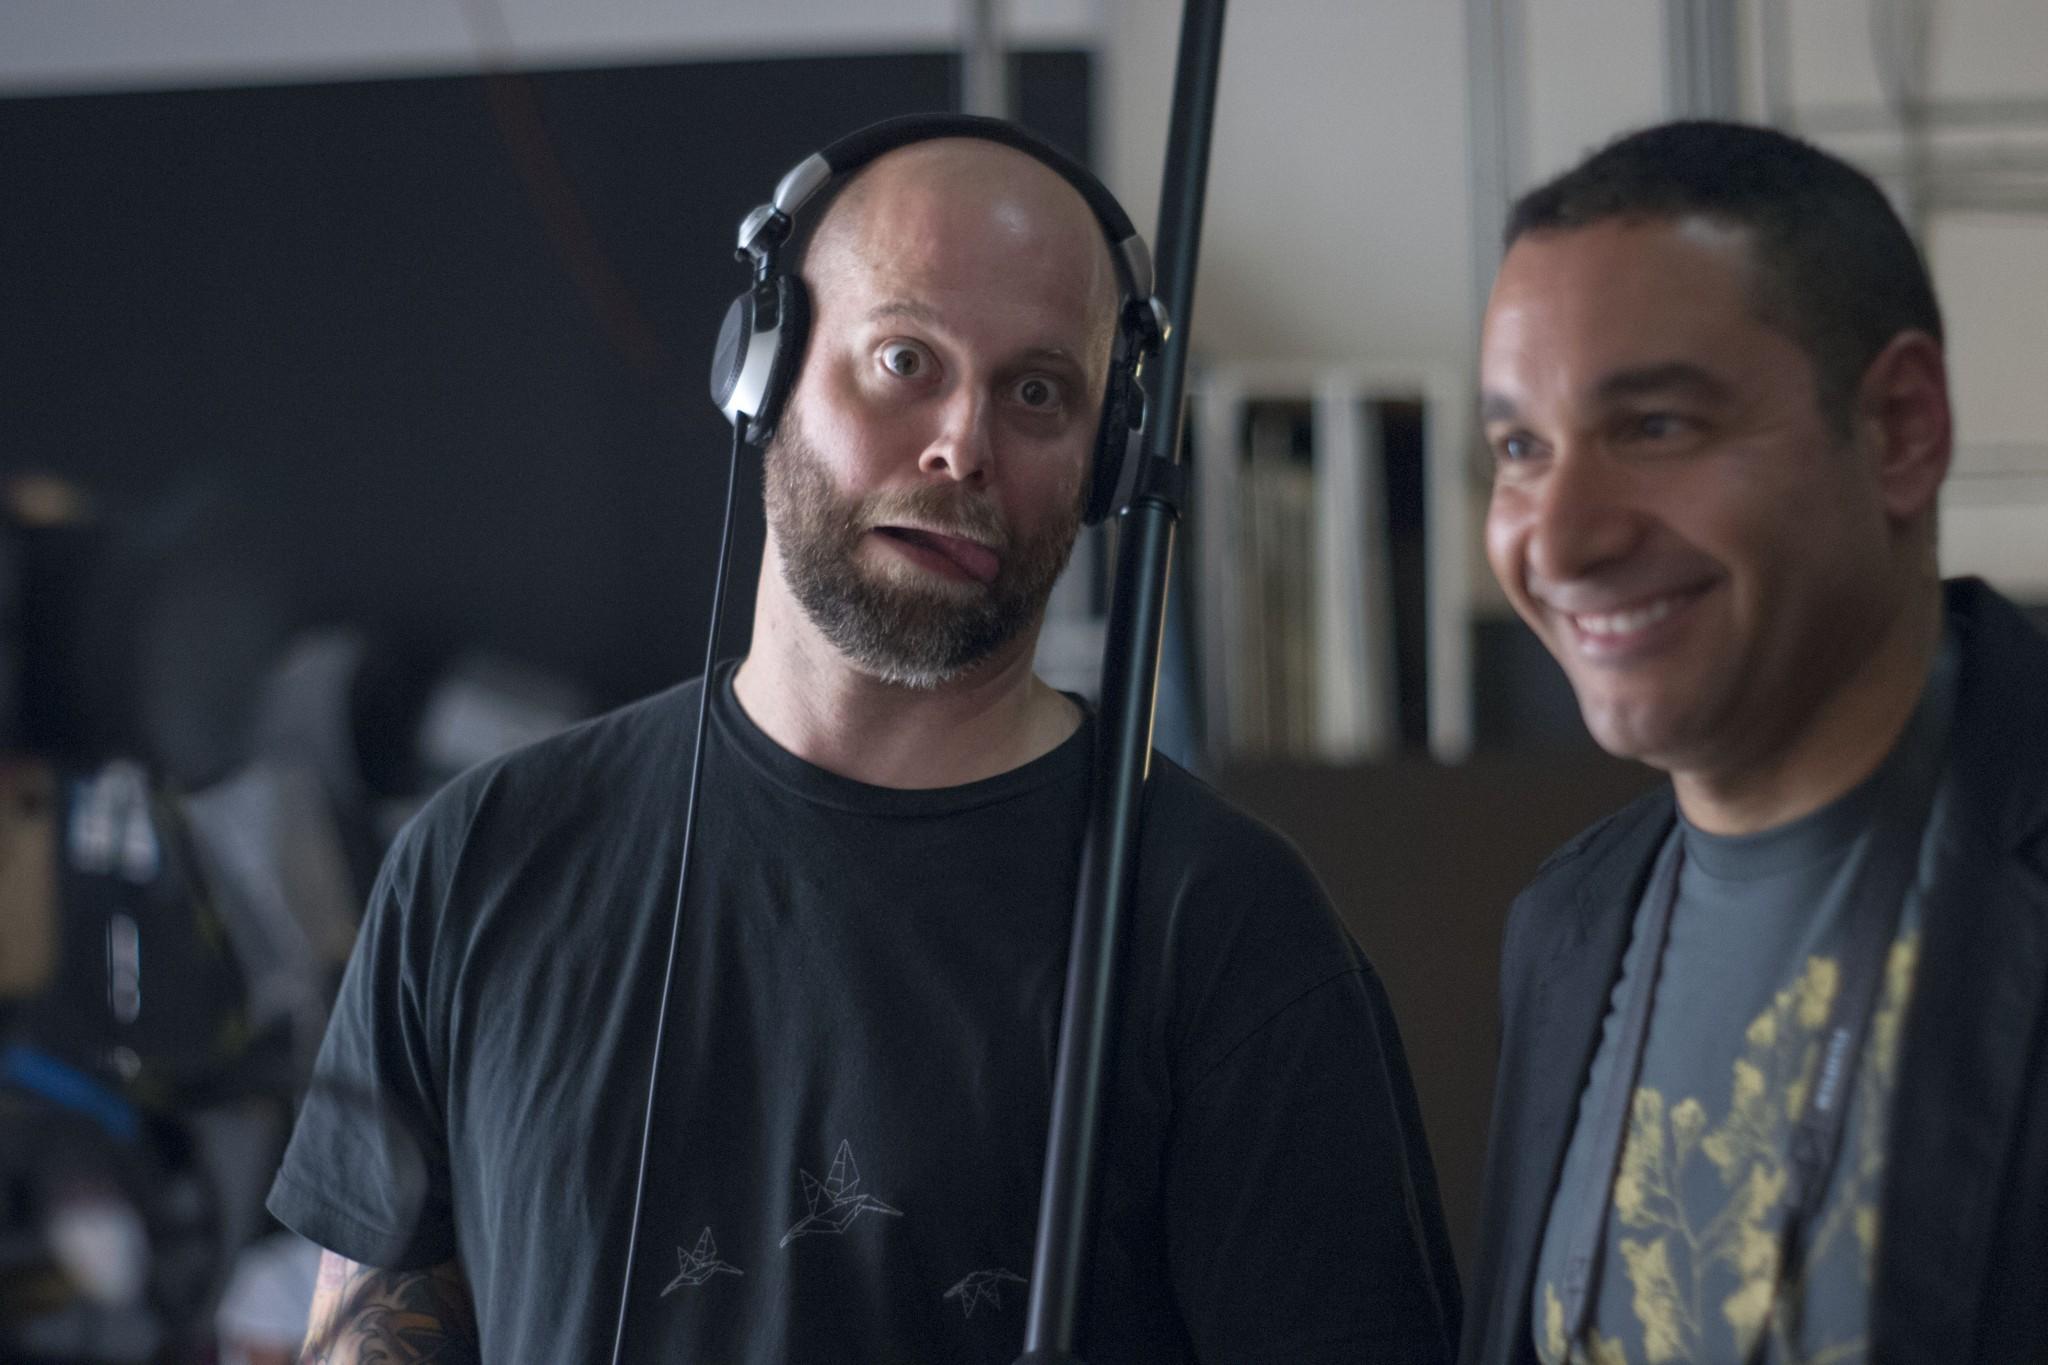 Chris and Matthew